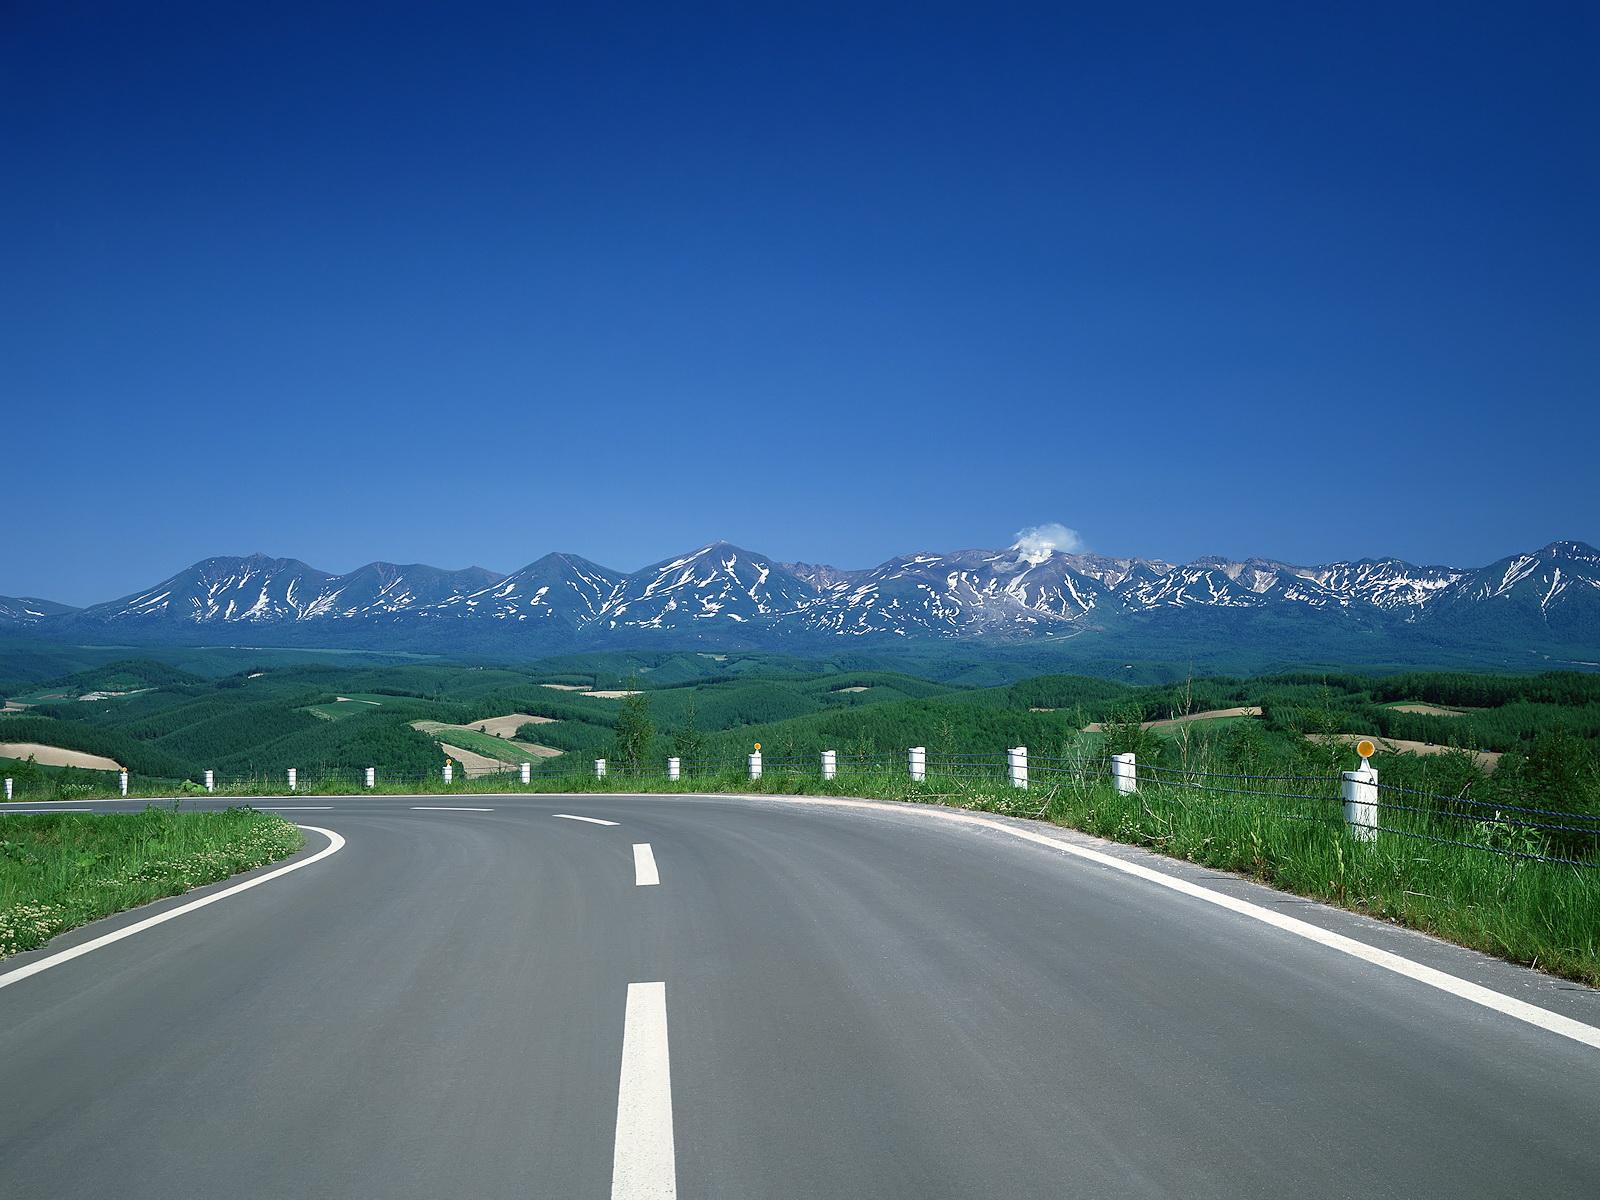 Что такое автомобильная дорога?